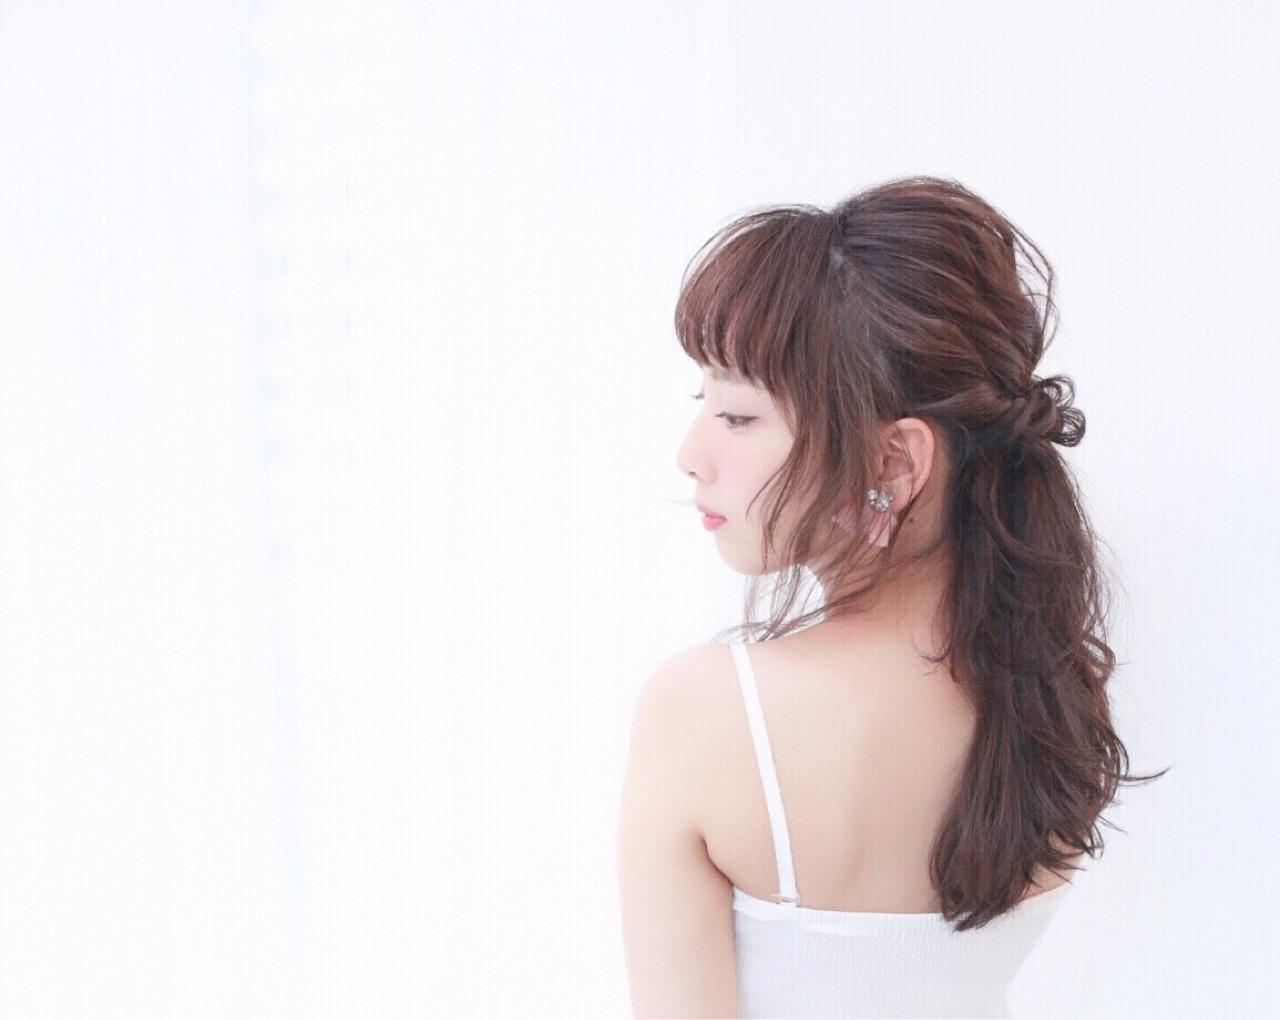 ヘアアレンジ フェミニン ロング ブライダル ヘアスタイルや髪型の写真・画像